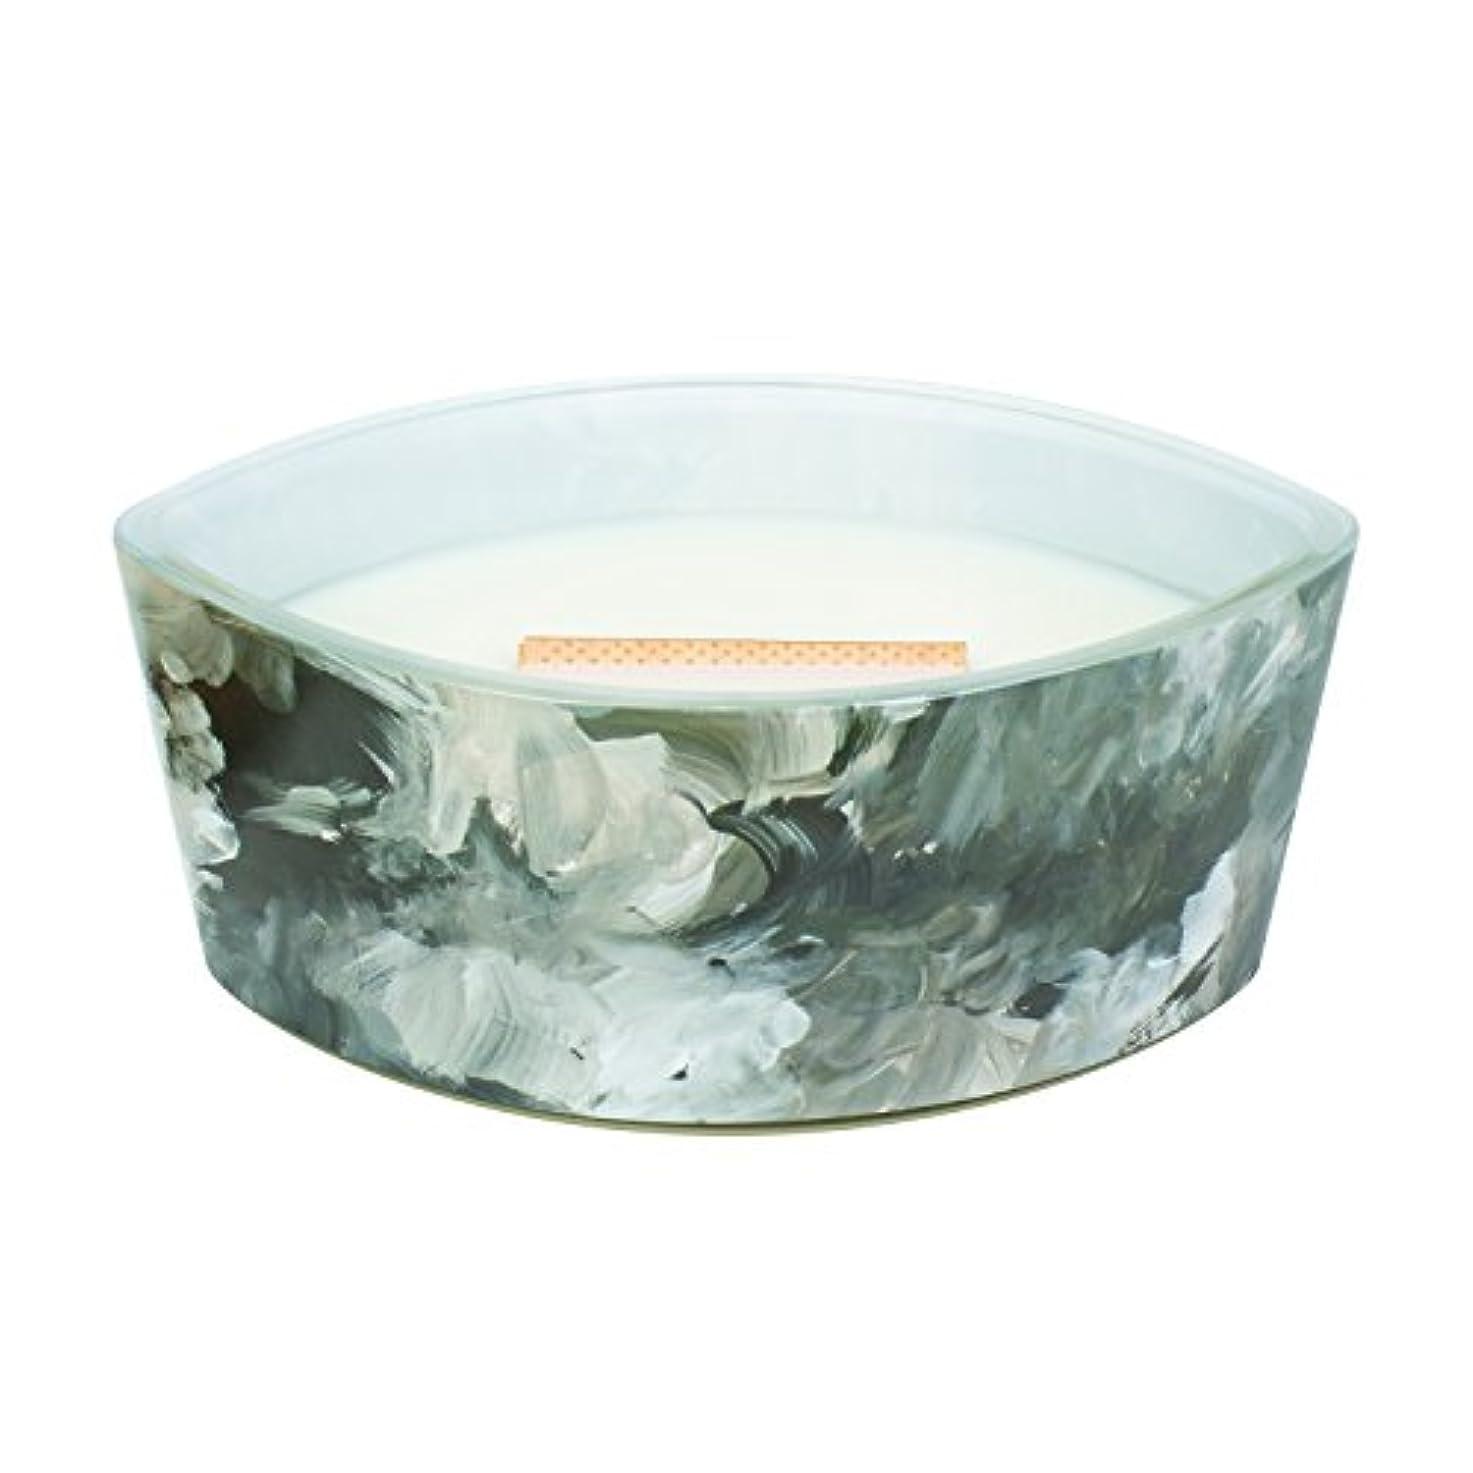 フルーツ野菜ミルク平行ブラックオレンジCitrus – アーティザンコレクション楕円WoodWick香りつきJar Candle